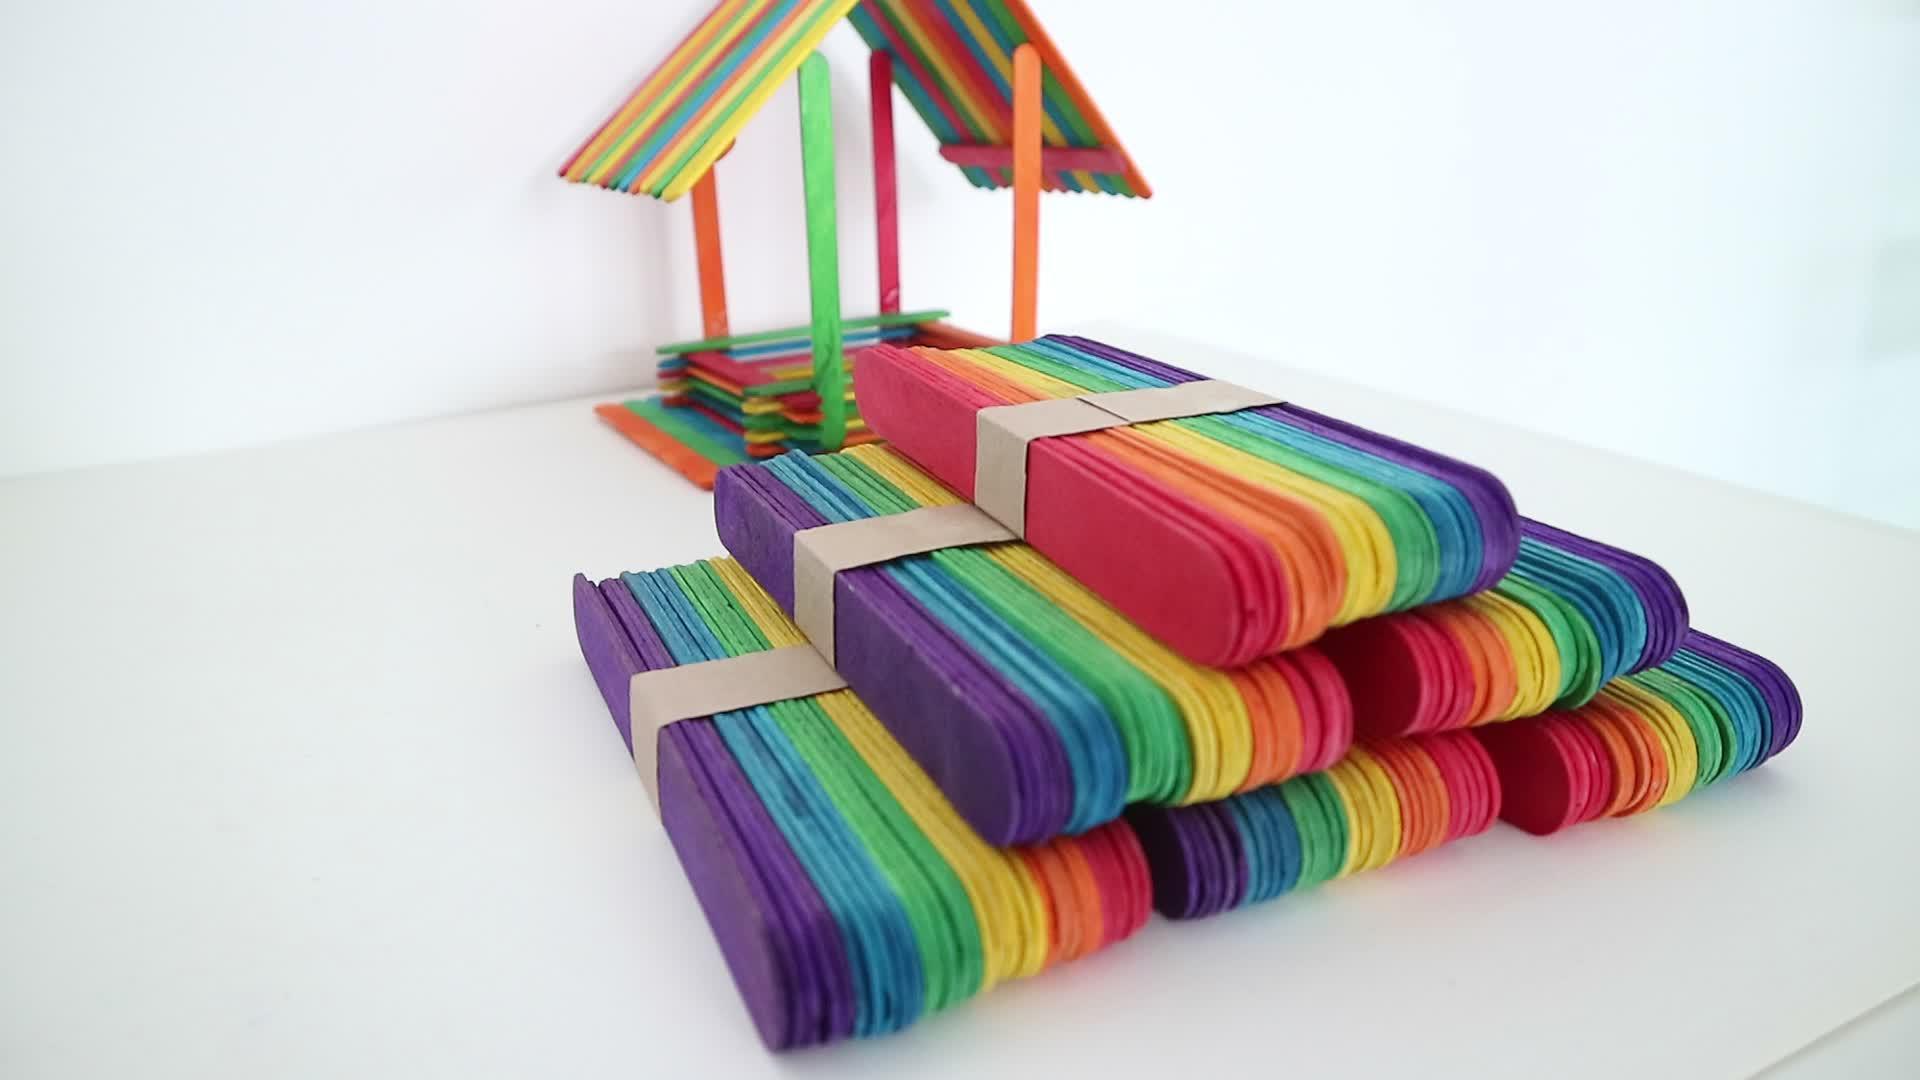 künstliche Eiscreme-Stock des hölzernen Spielzeugs